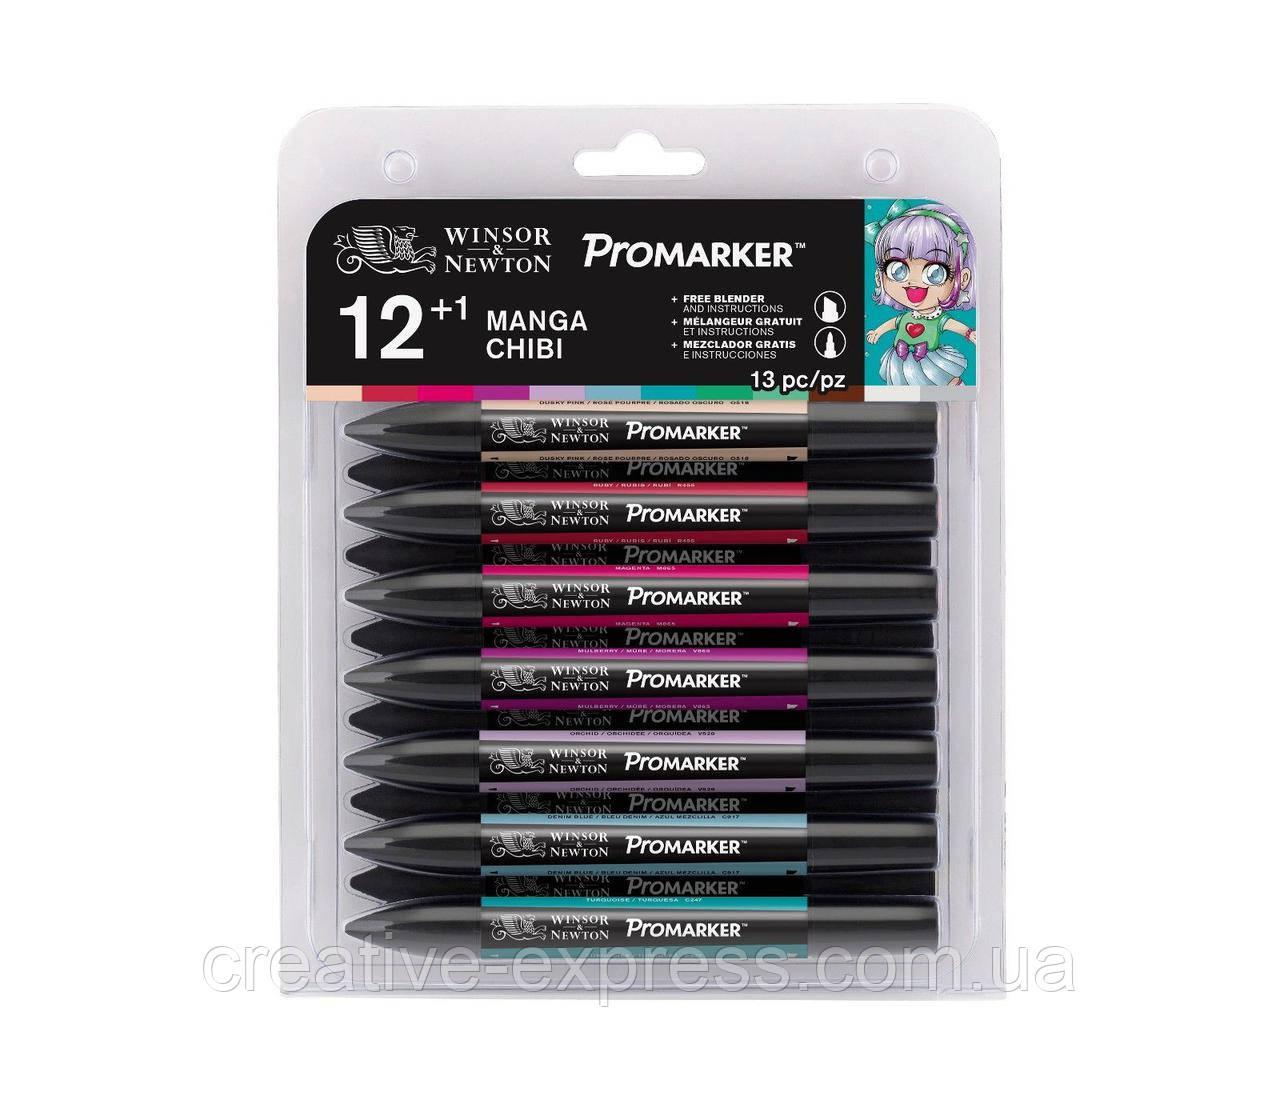 Набір маркерів WINSOR & NEWTON 12+1 шт  /manga  chibi